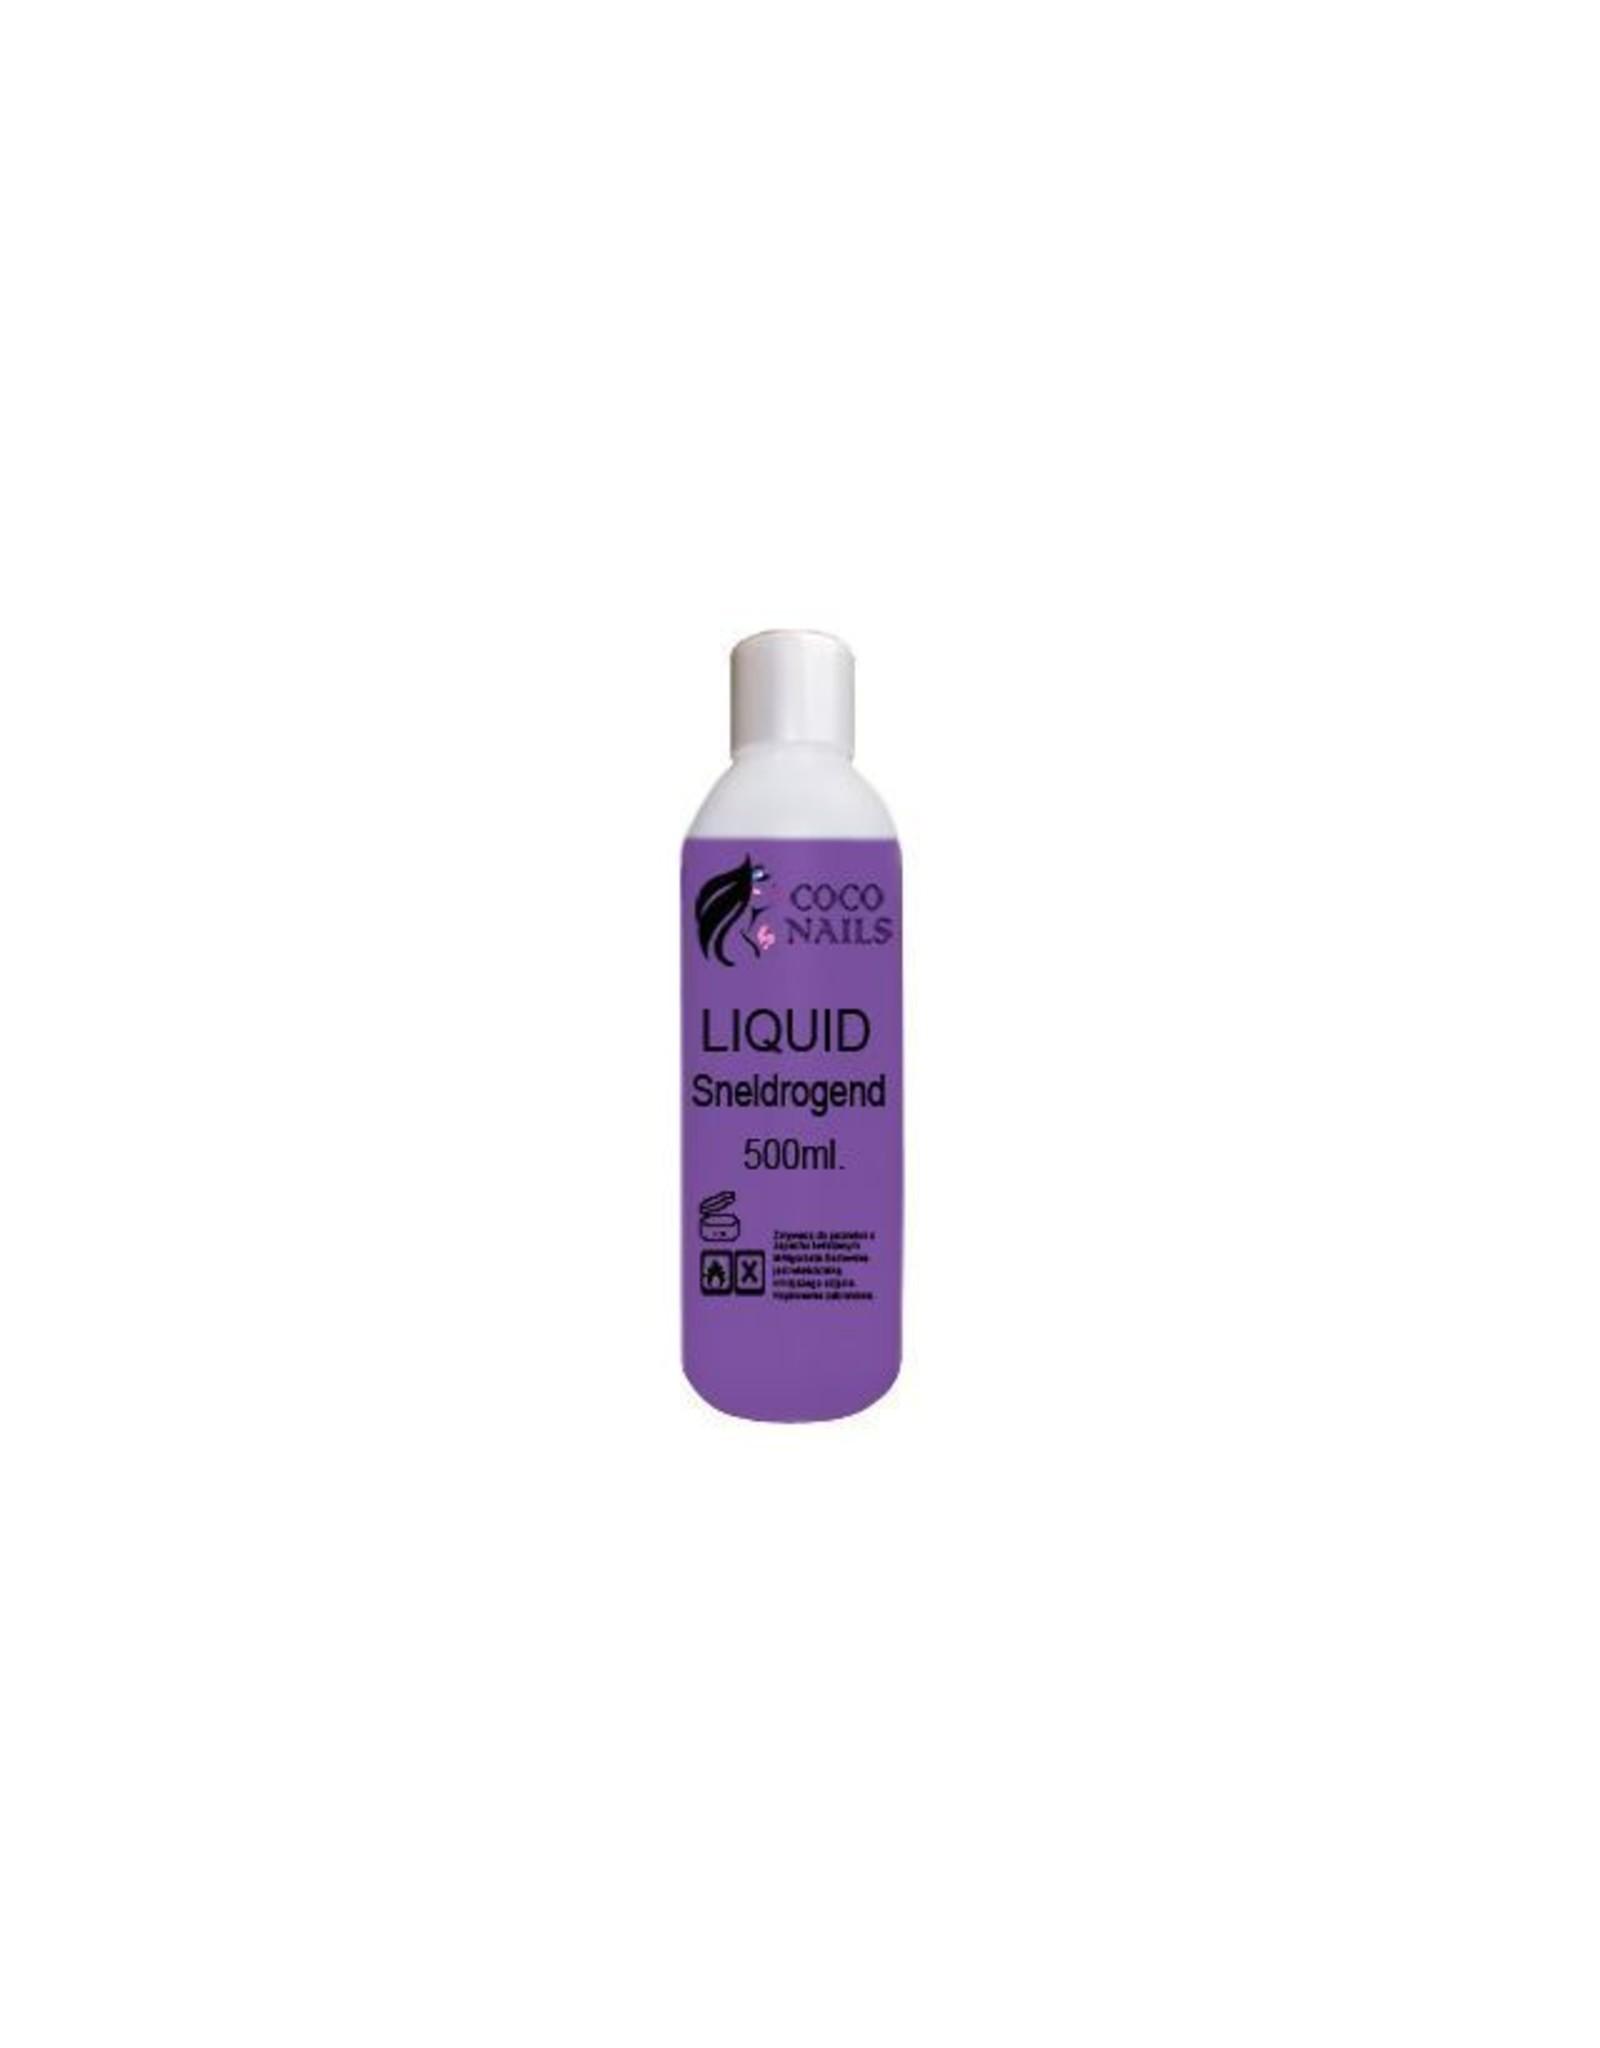 Coconails Acryl vloeistof (Liquid) Sneldrogend paars PRO 500 ml